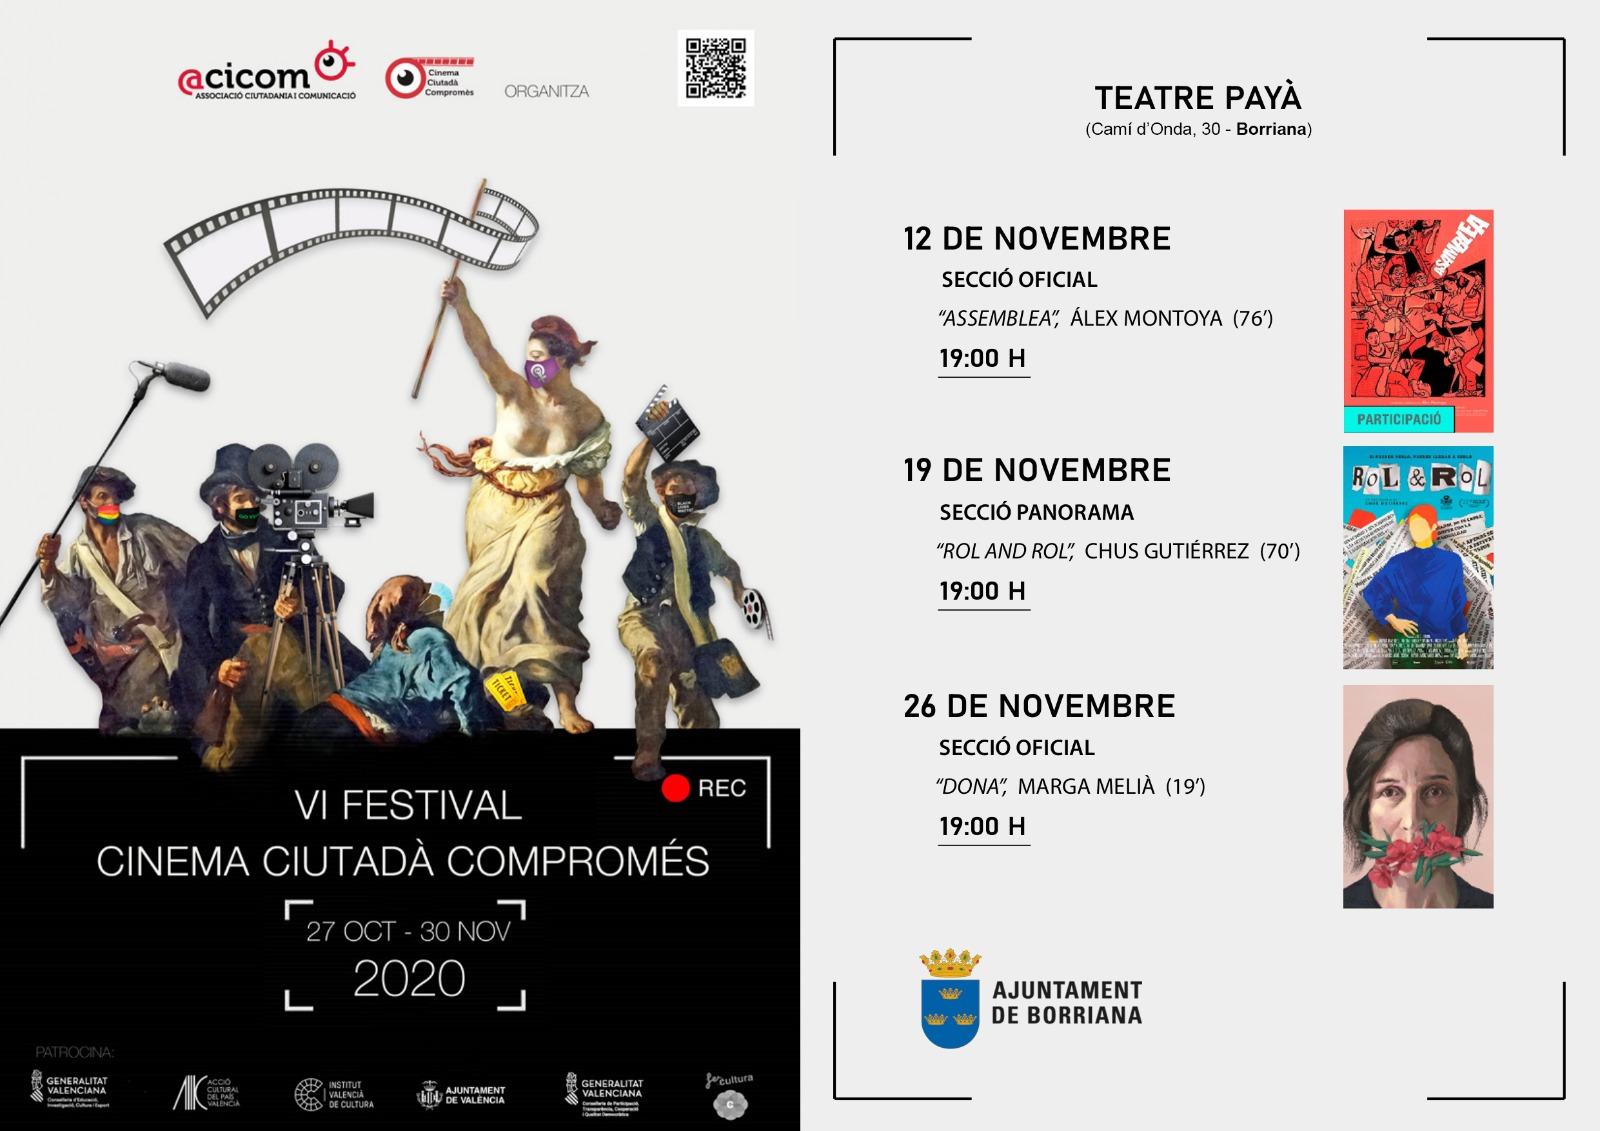 Burriana programa un ciclo de cine en valenciano con cuatro proyecciones